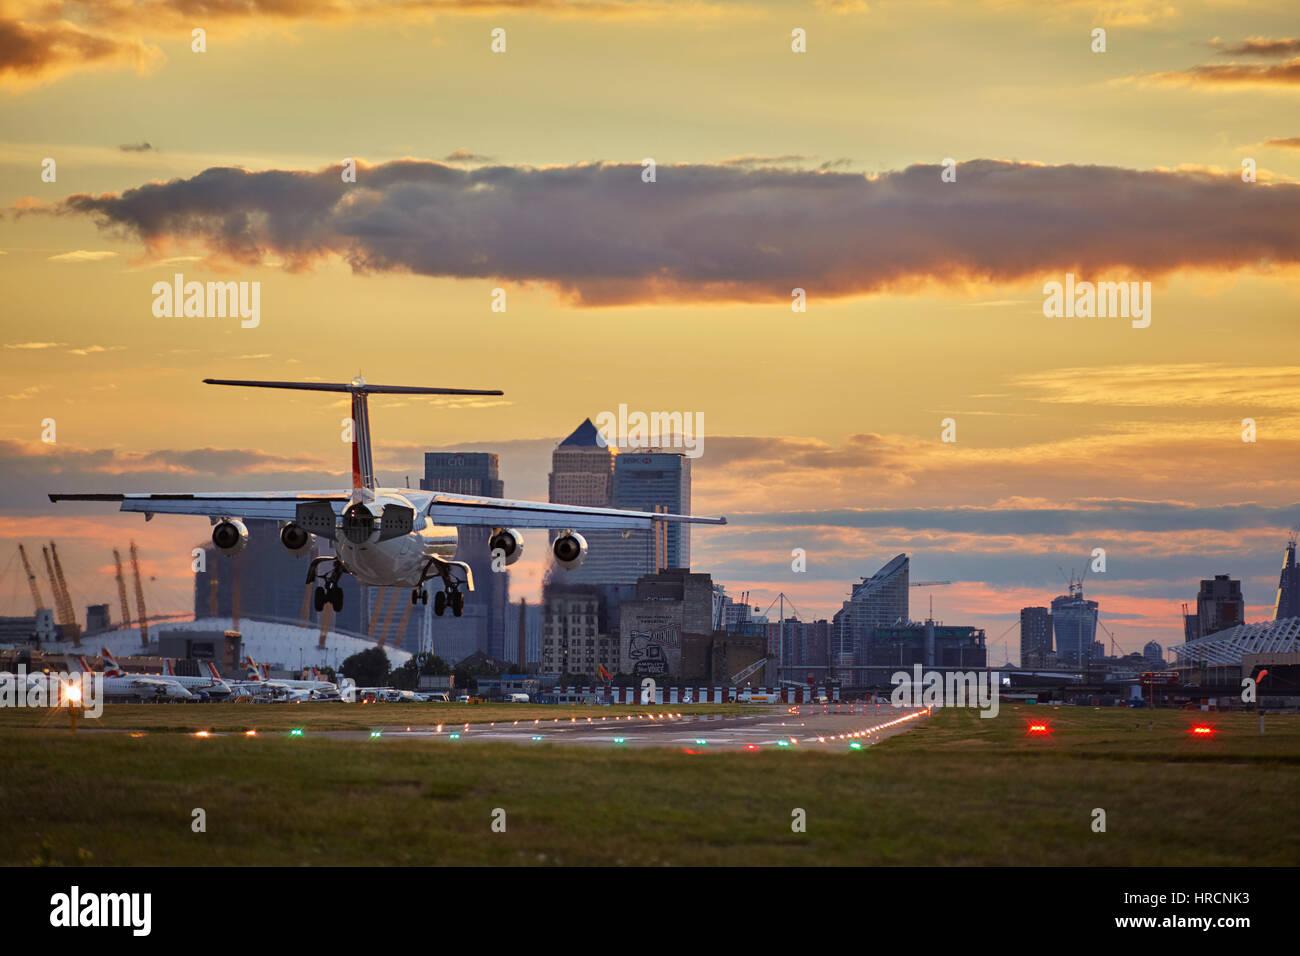 Plan d'atterrissage sur l'aéroport de London City Banque D'Images